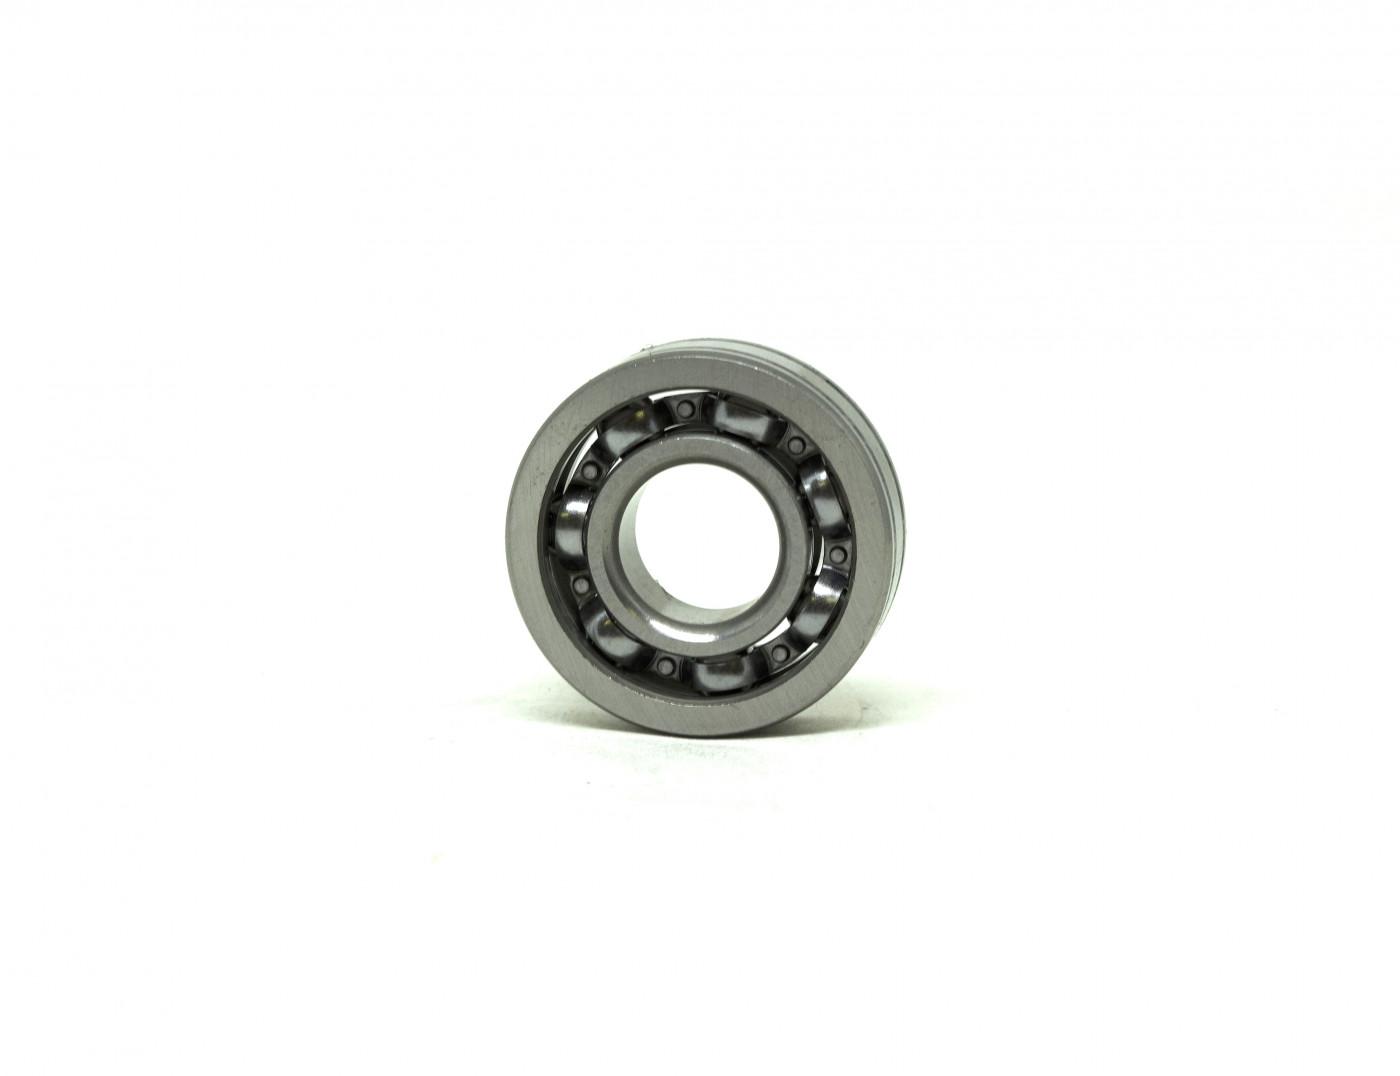 Ložisko klikové hřídele s drážkou STIHL TS410 TS420 - 9503 003 0351